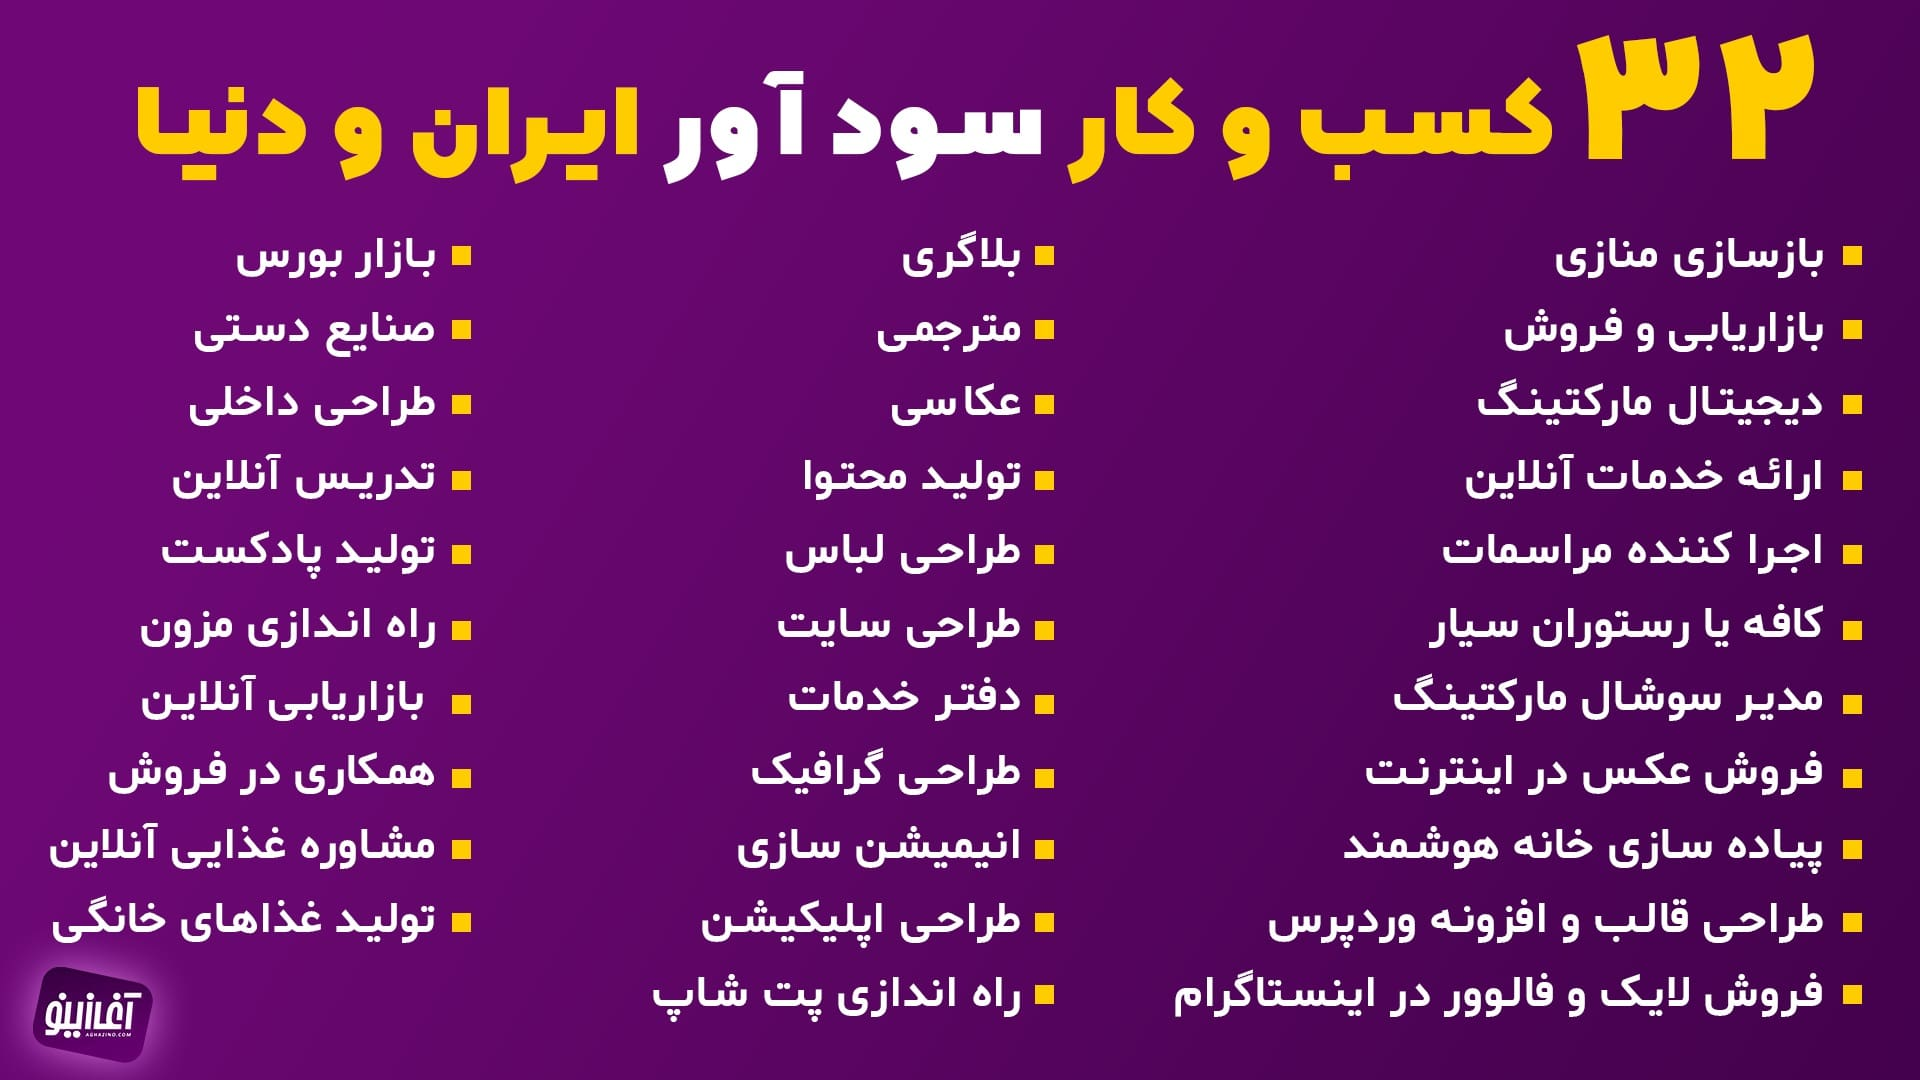 کسب و کار های جدید و پرسود در ایران و دنیا